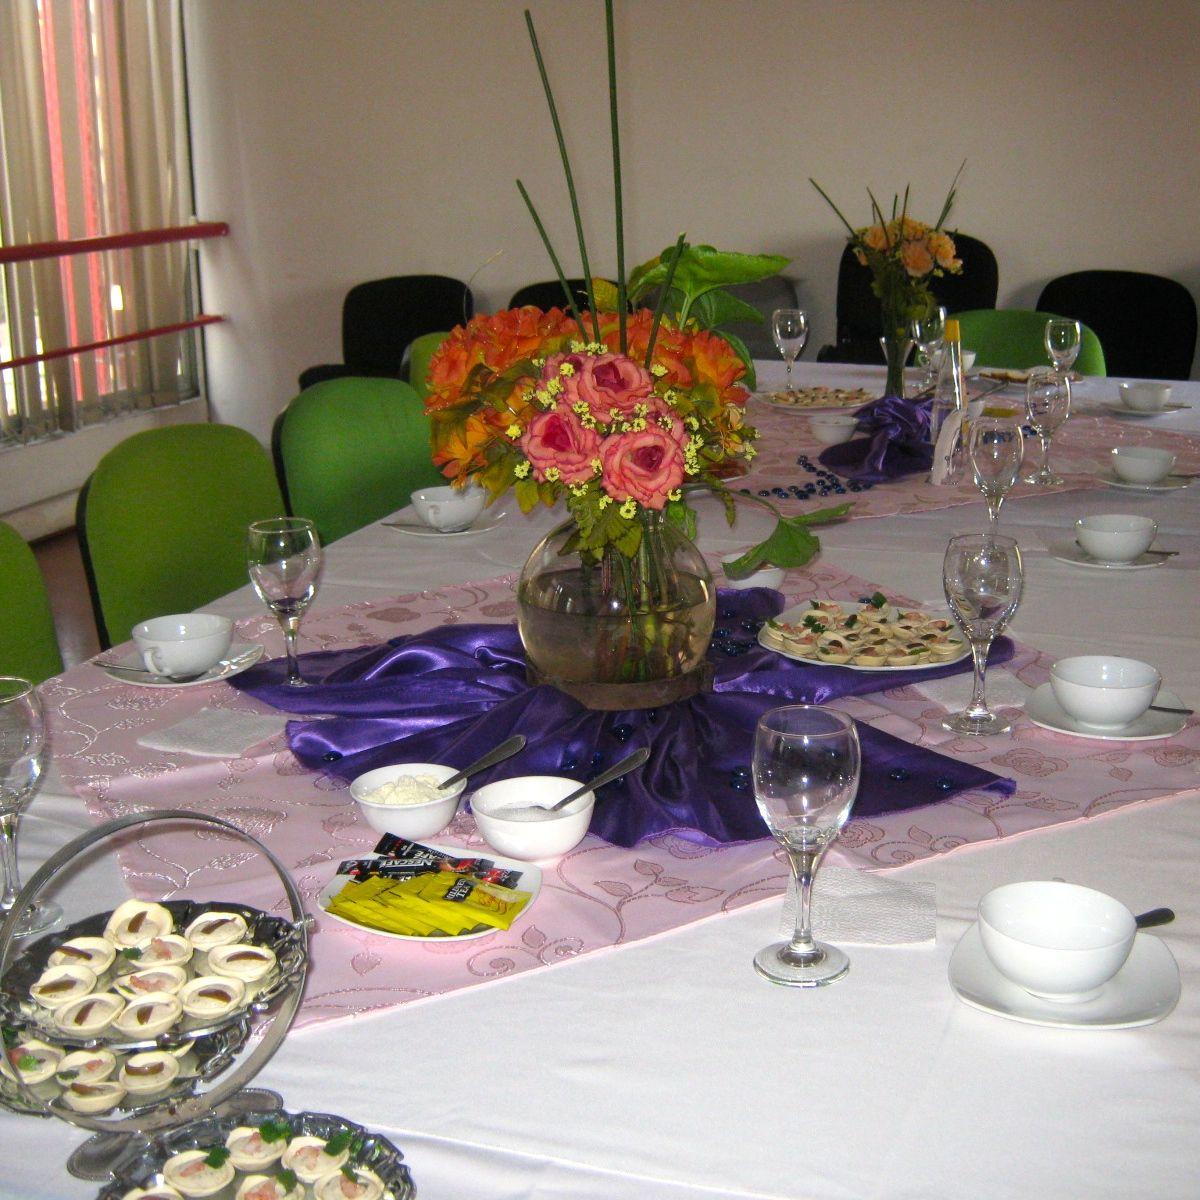 www.banqueteriaeltrigal.cl- desayunos, almuerzos, cenas